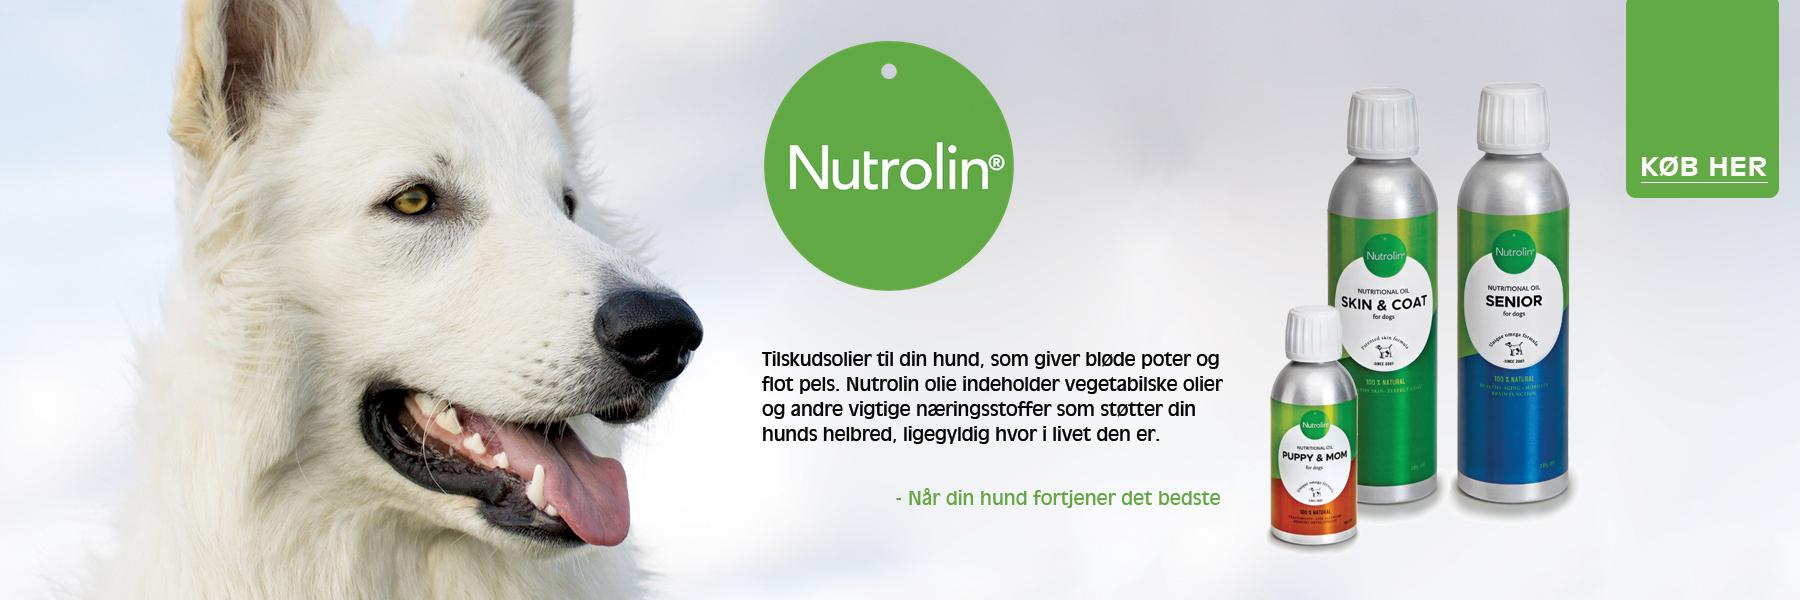 Nutrolin tilskudsolier til din hund ligemeget hvor den er i livet